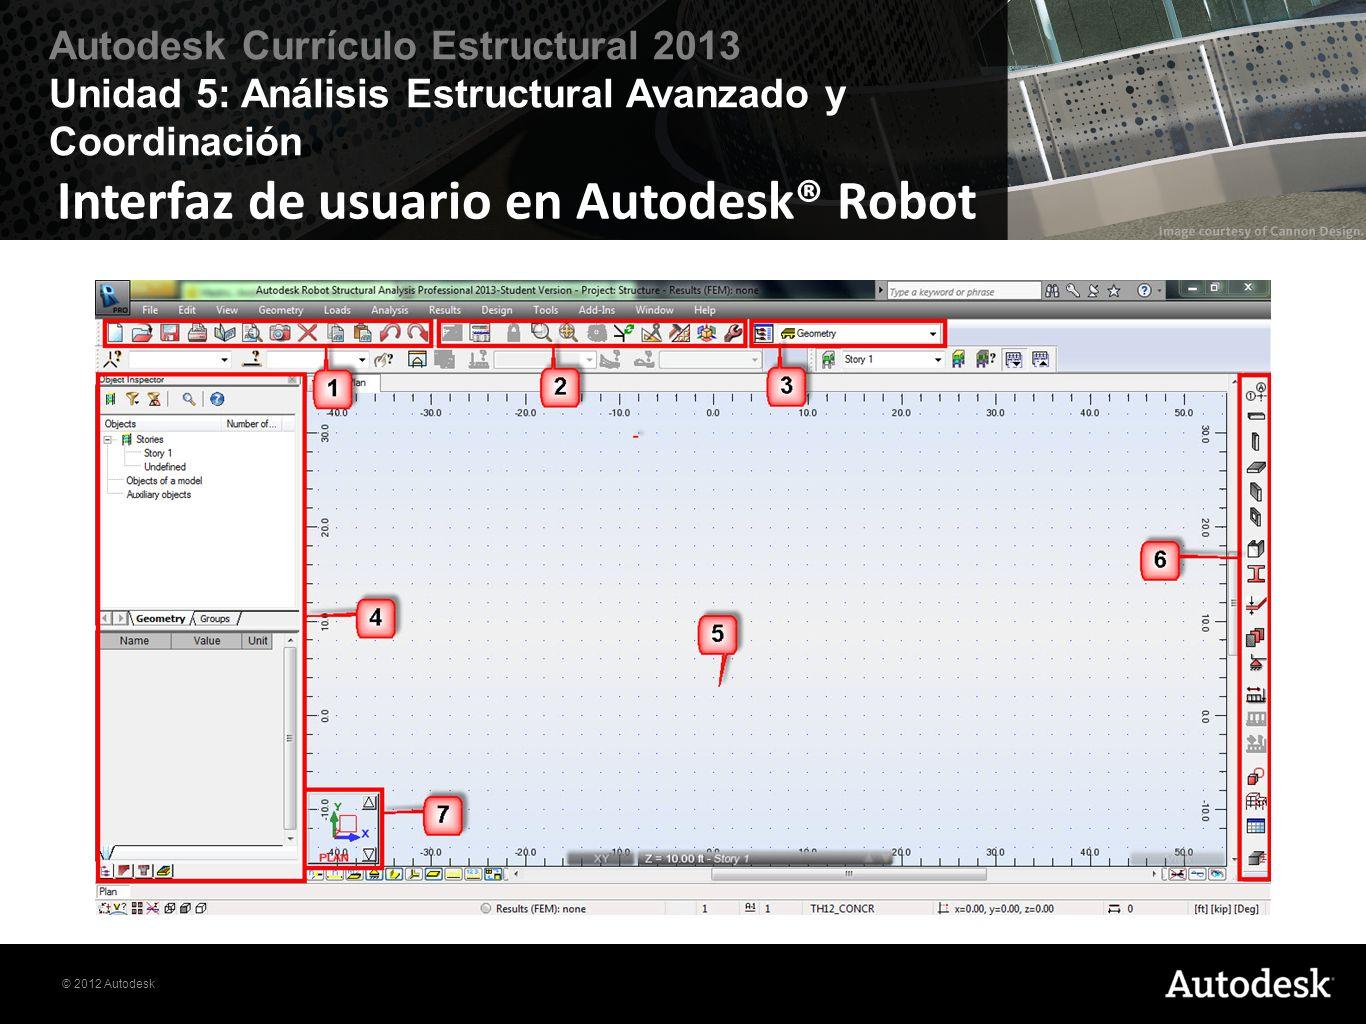 © 2012 Autodesk Autodesk Currículo Estructural 2013 Unidad 5: Análisis Estructural Avanzado y Coordinación Interfaz de usuario en Autodesk® Robot